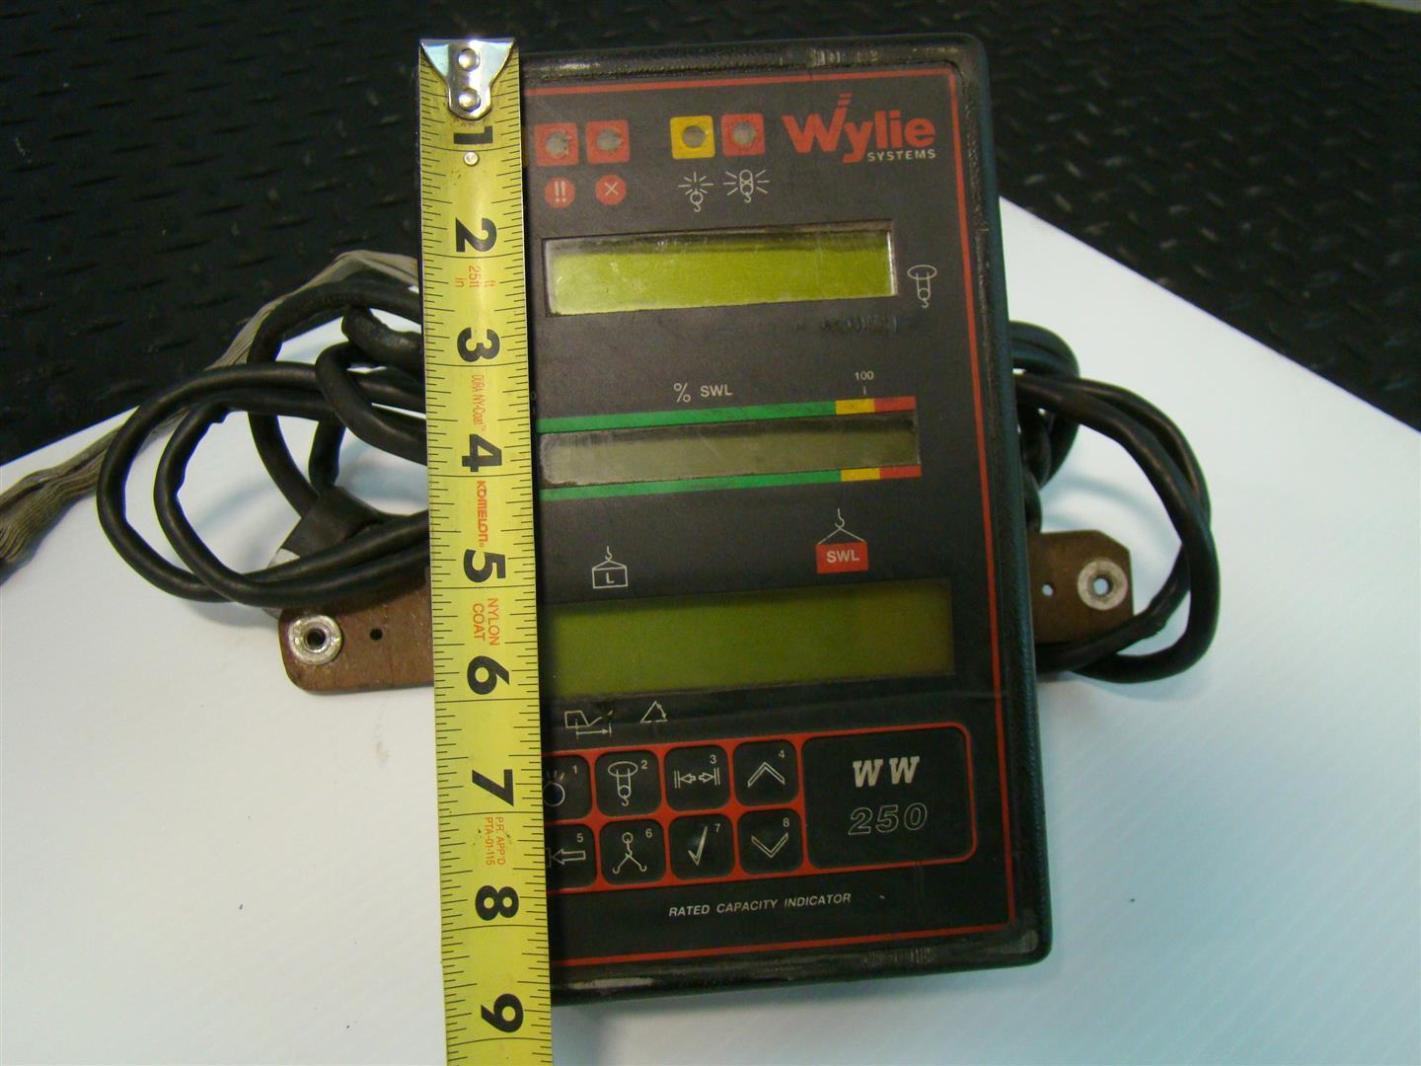 Hoist Load Indicator : Wylie ww crane safe load indicator d ebay